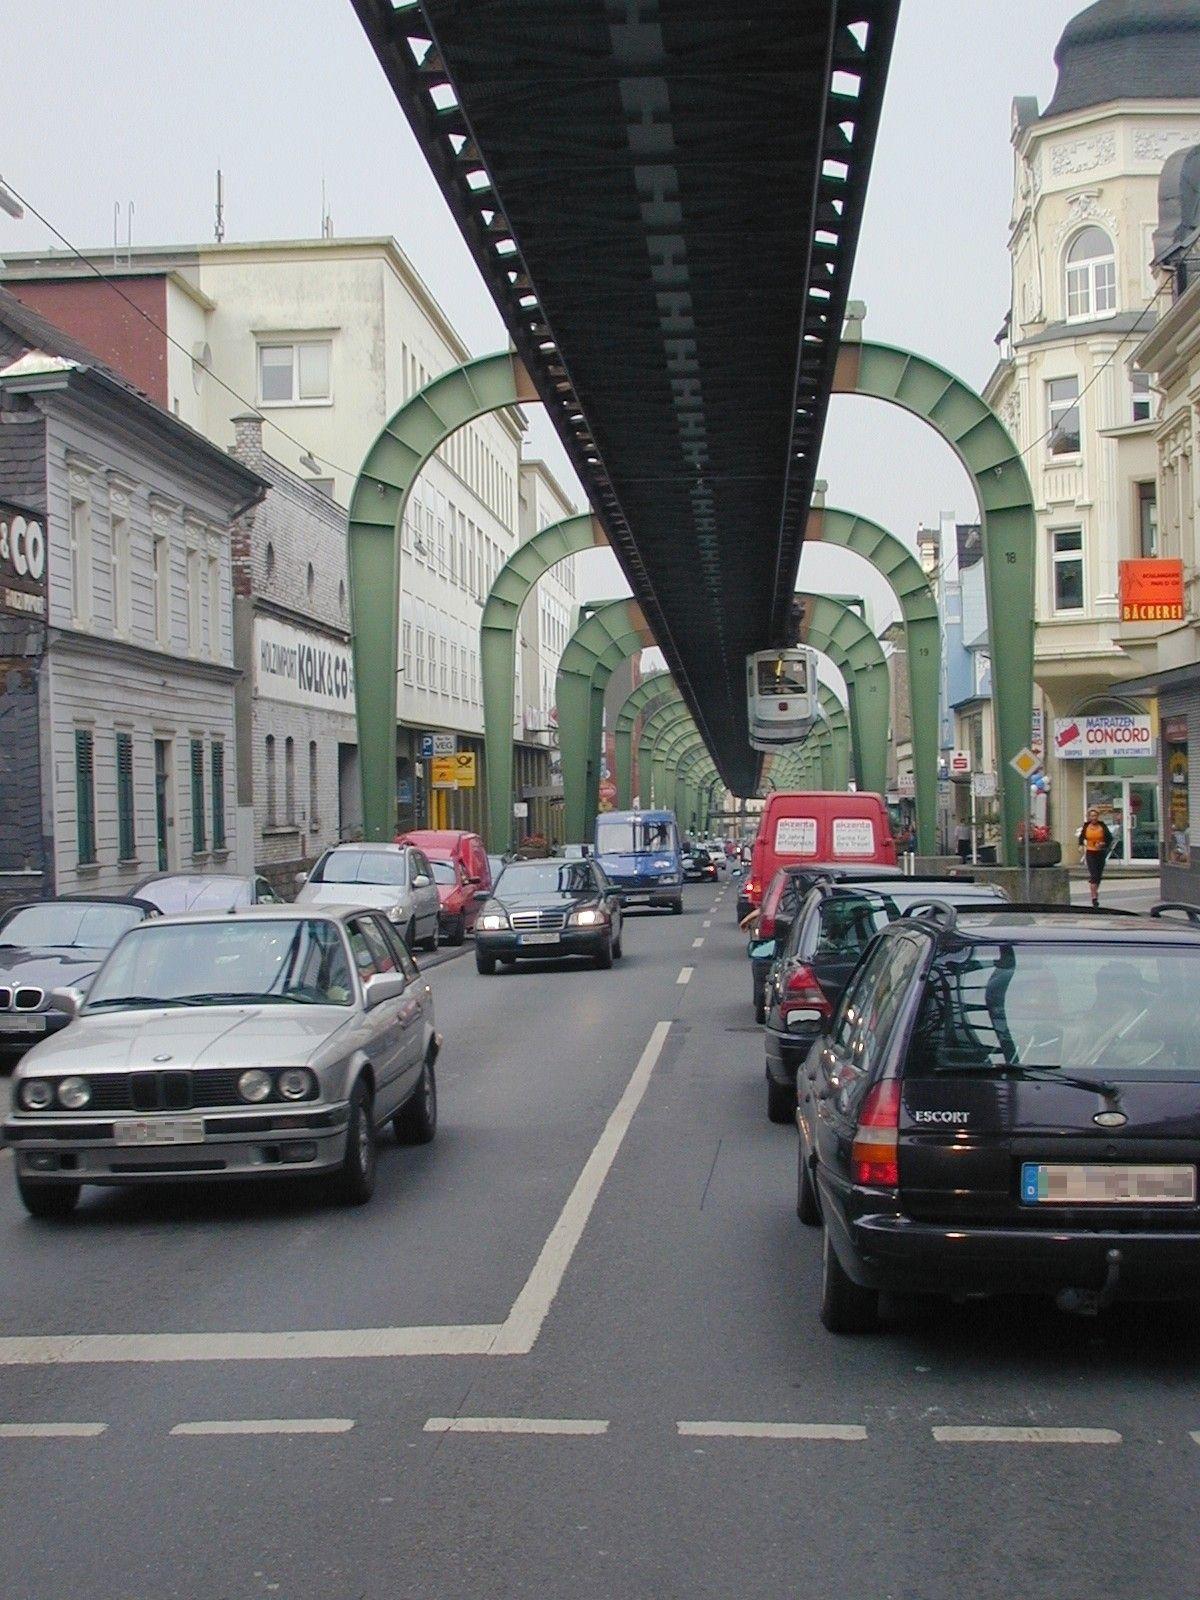 Mit Ihrem Escortservice die Schönheit von Wuppertal genießen